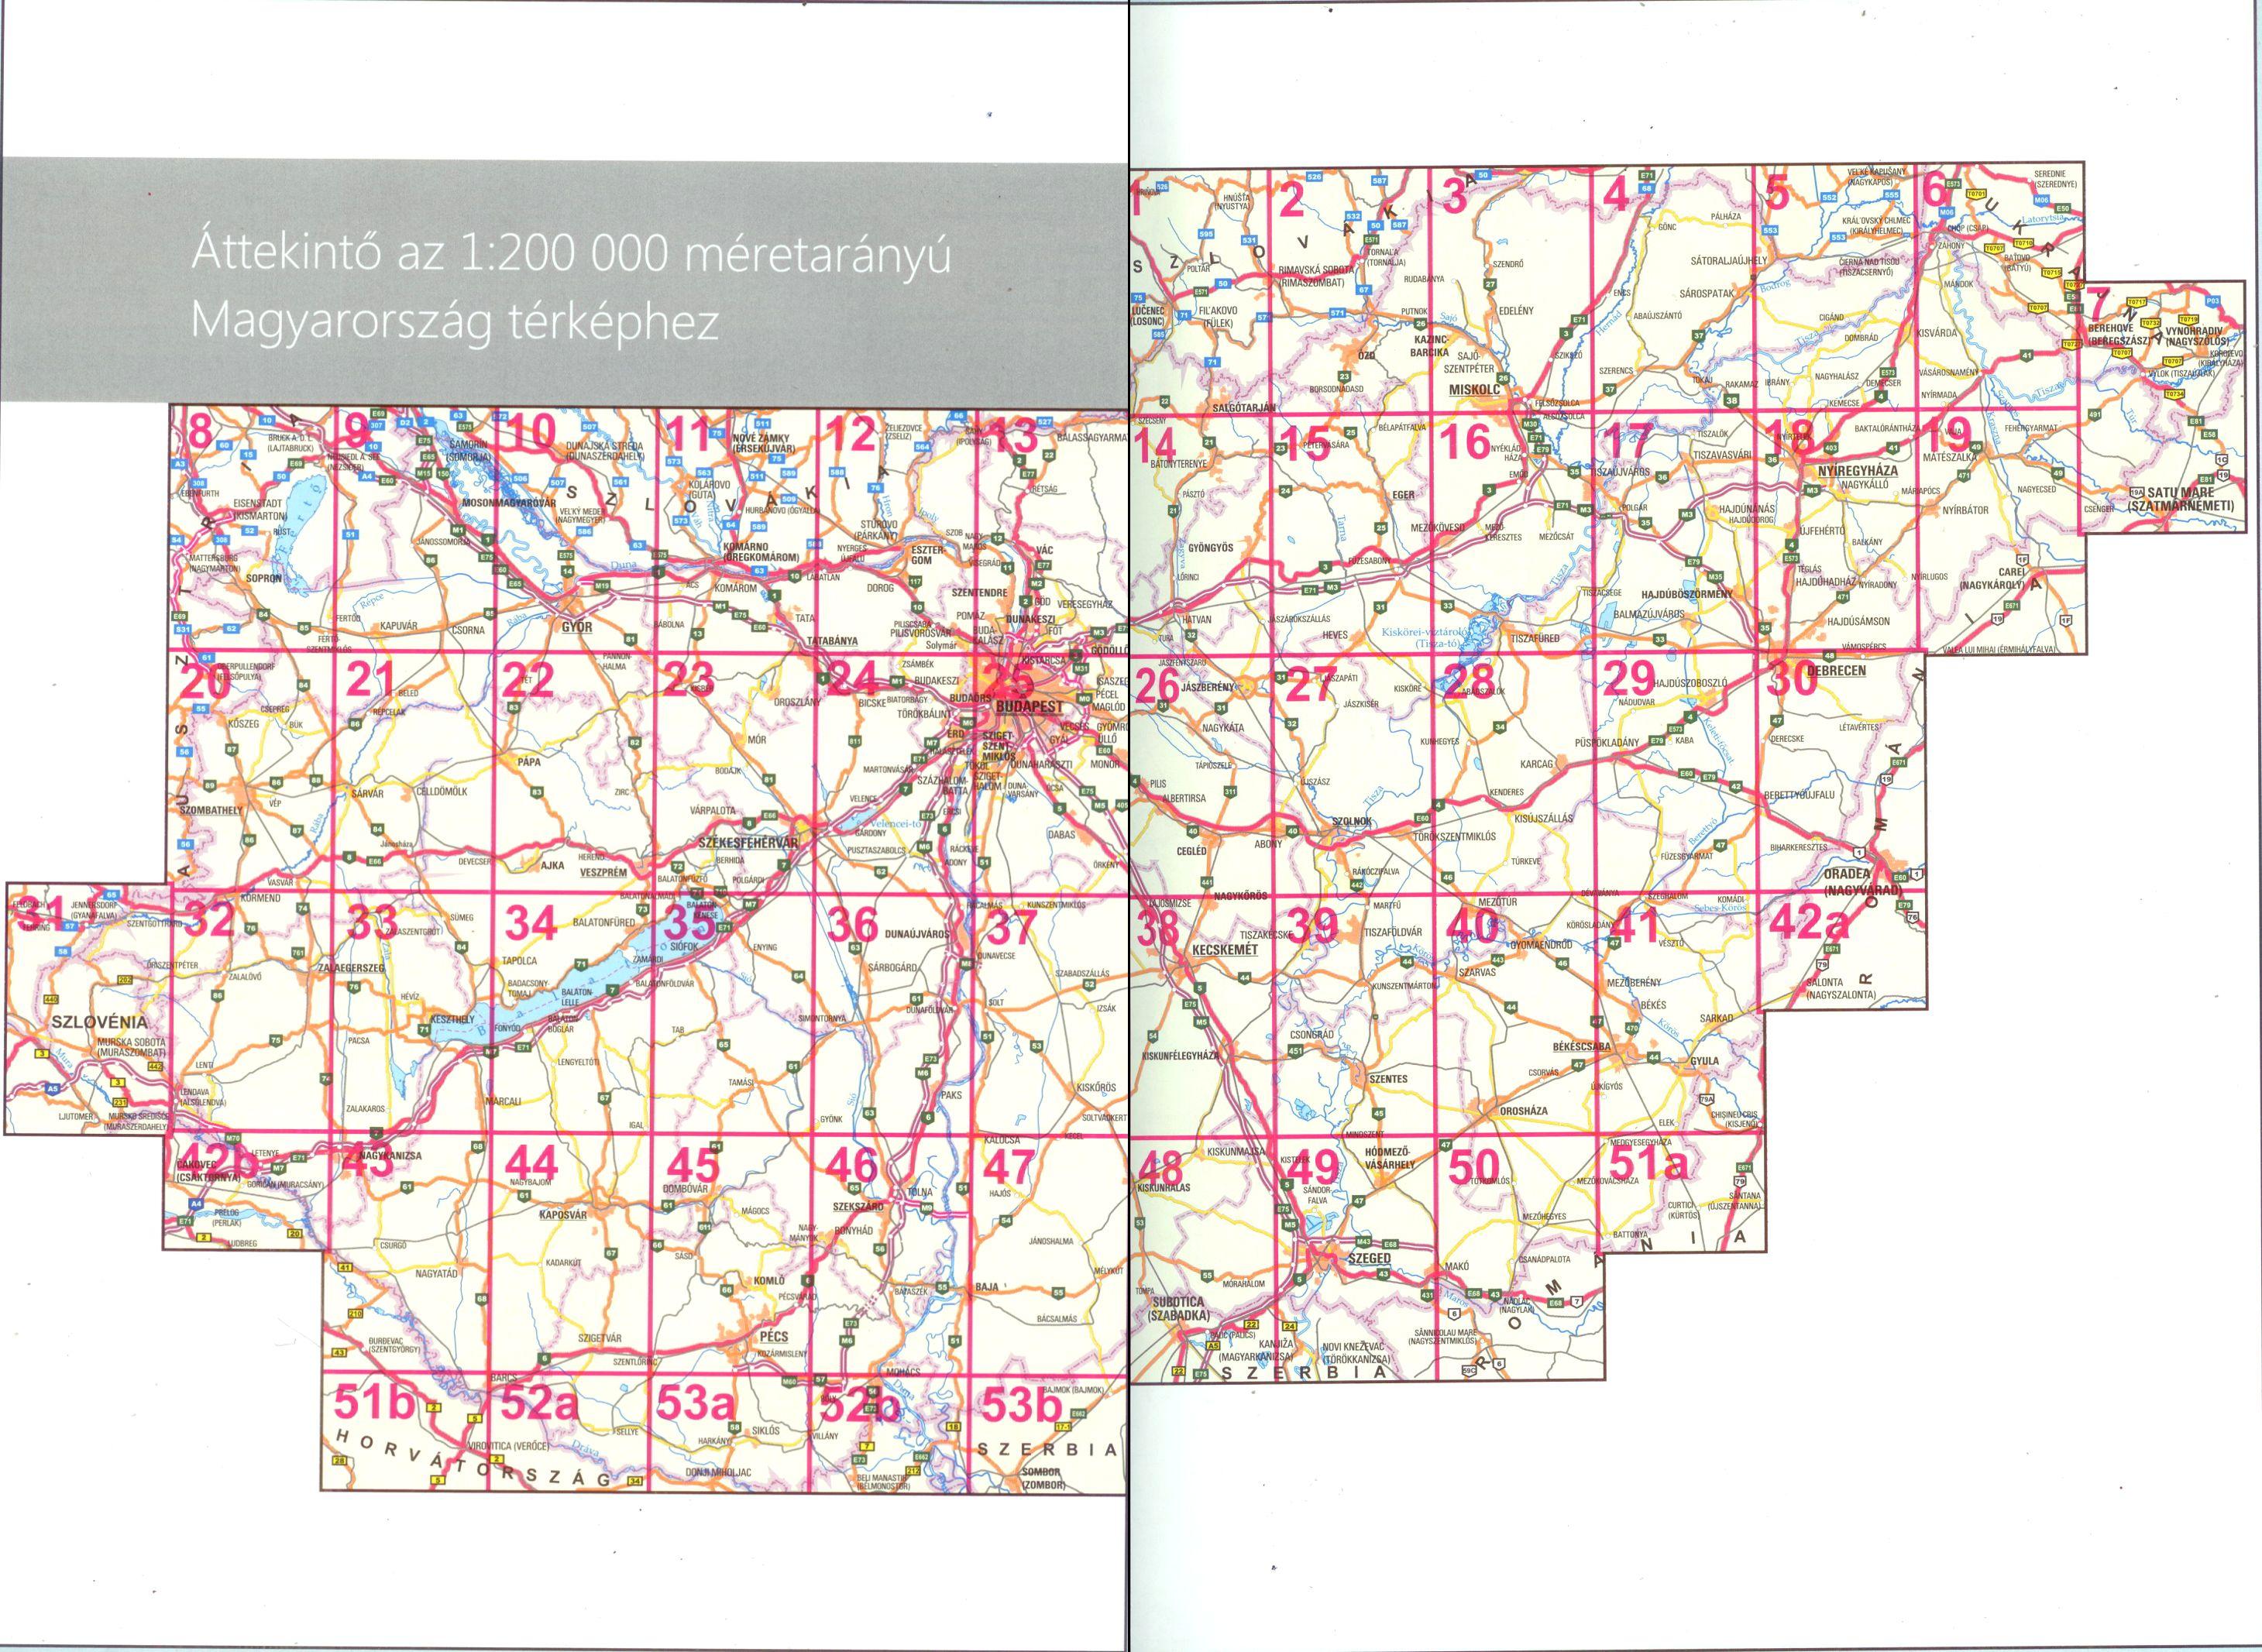 Magyarország úti atlasza 1:200.000-es autótérkép áttekintő lapja